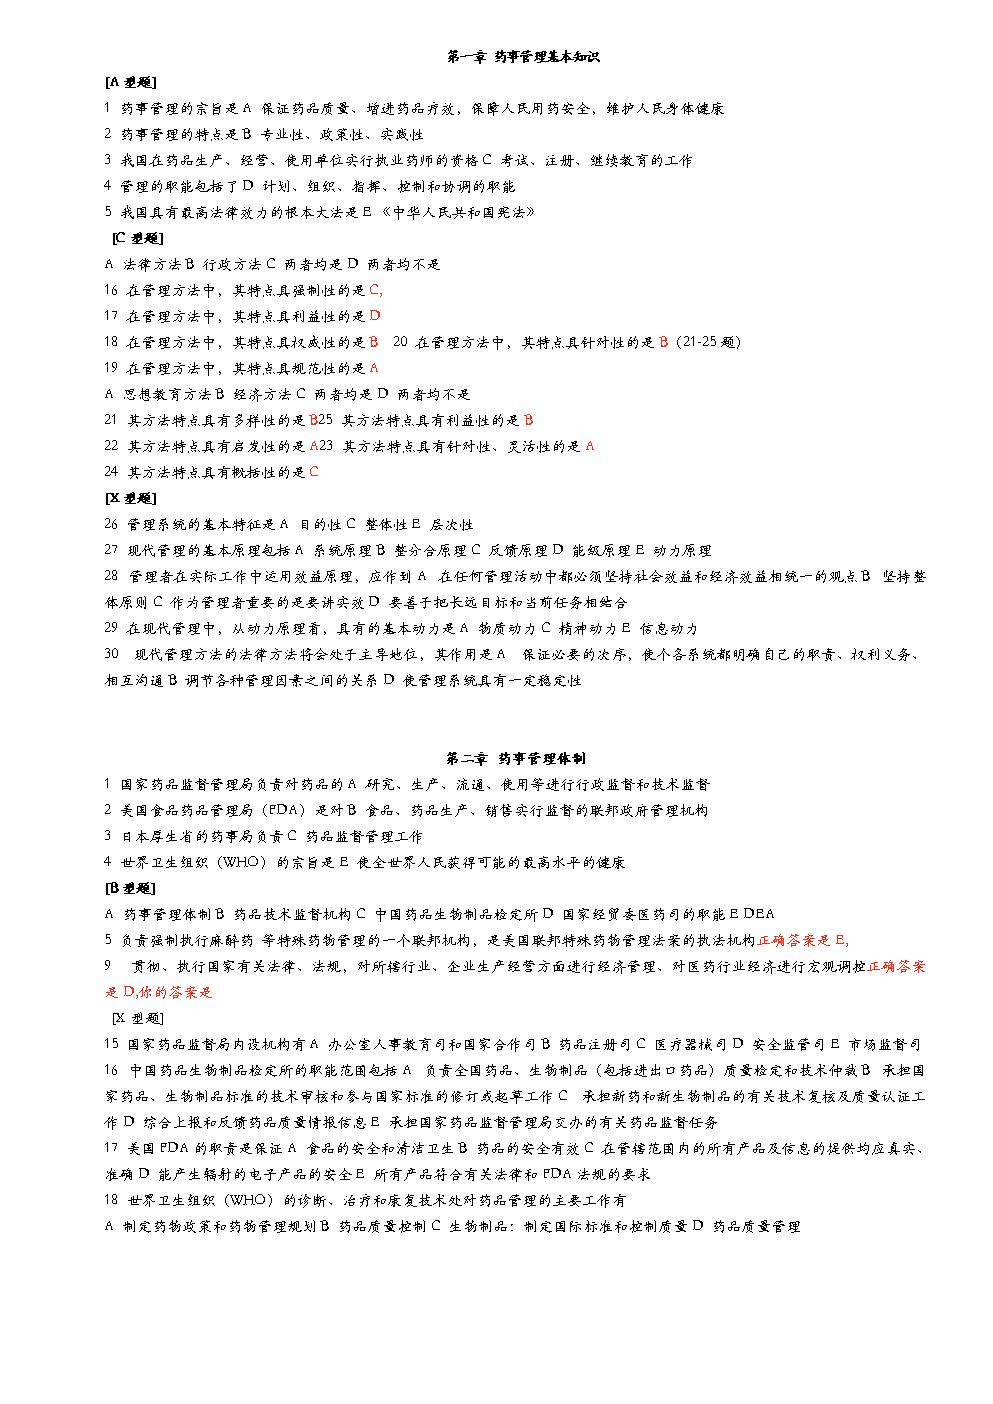 药事管理考试讲义.doc